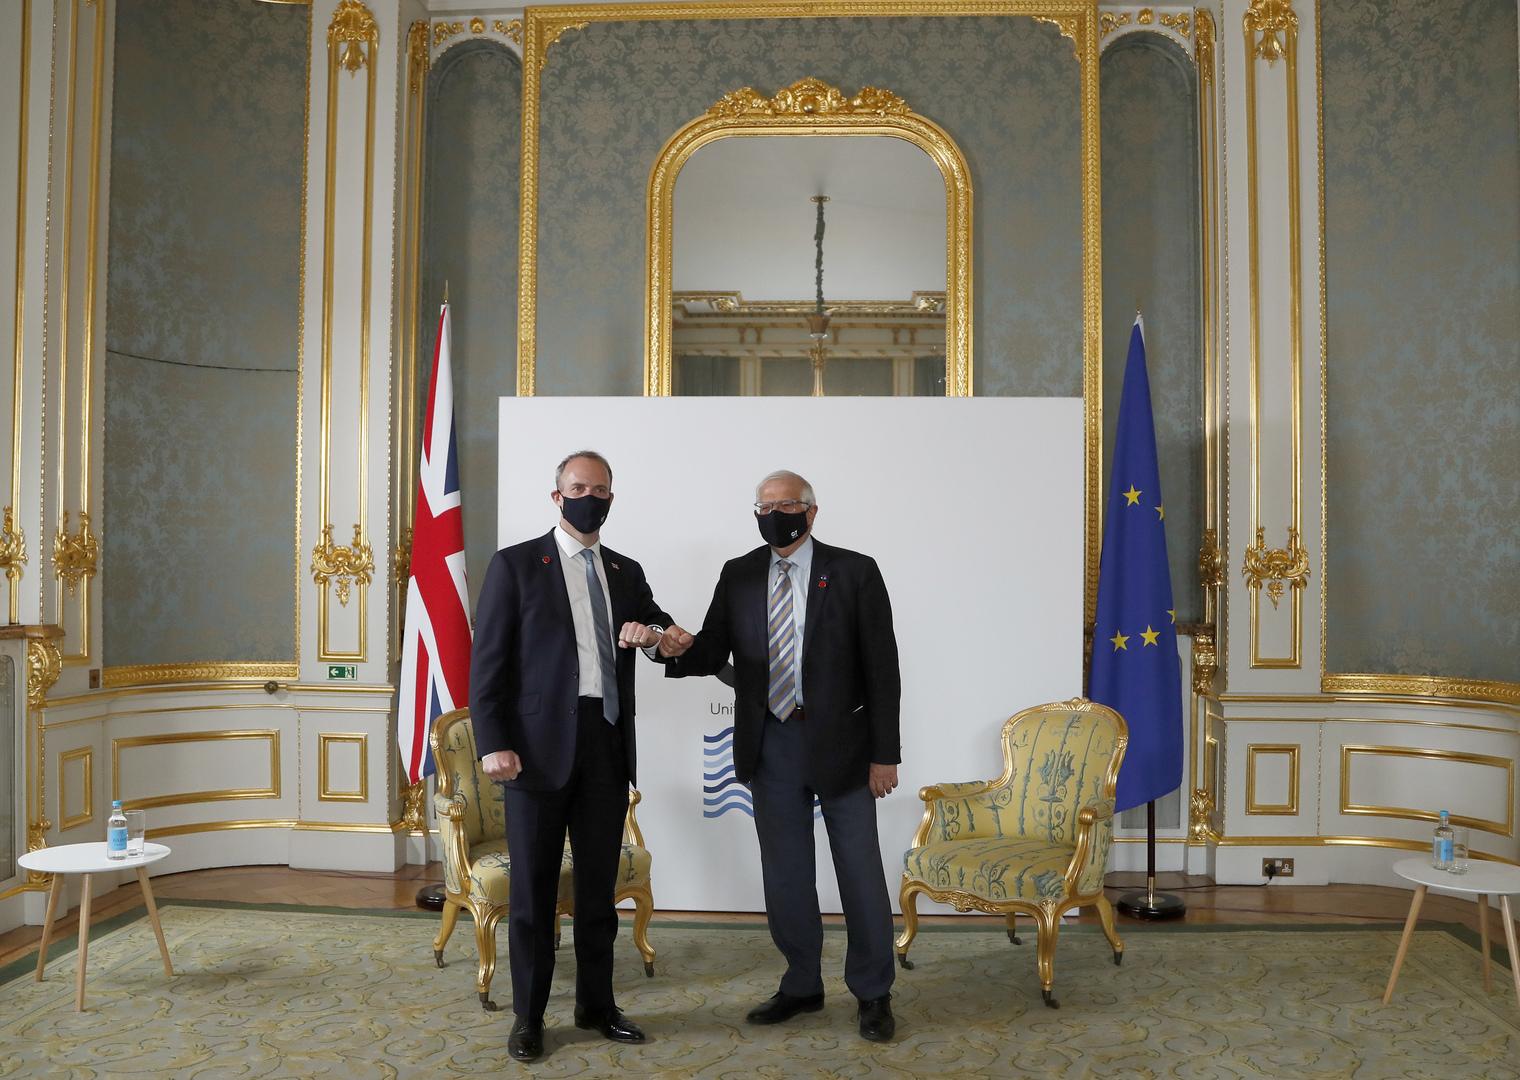 بريطانيا تمنح سفير الاتحاد الأوروبي وضعا دبلوماسيا كاملا